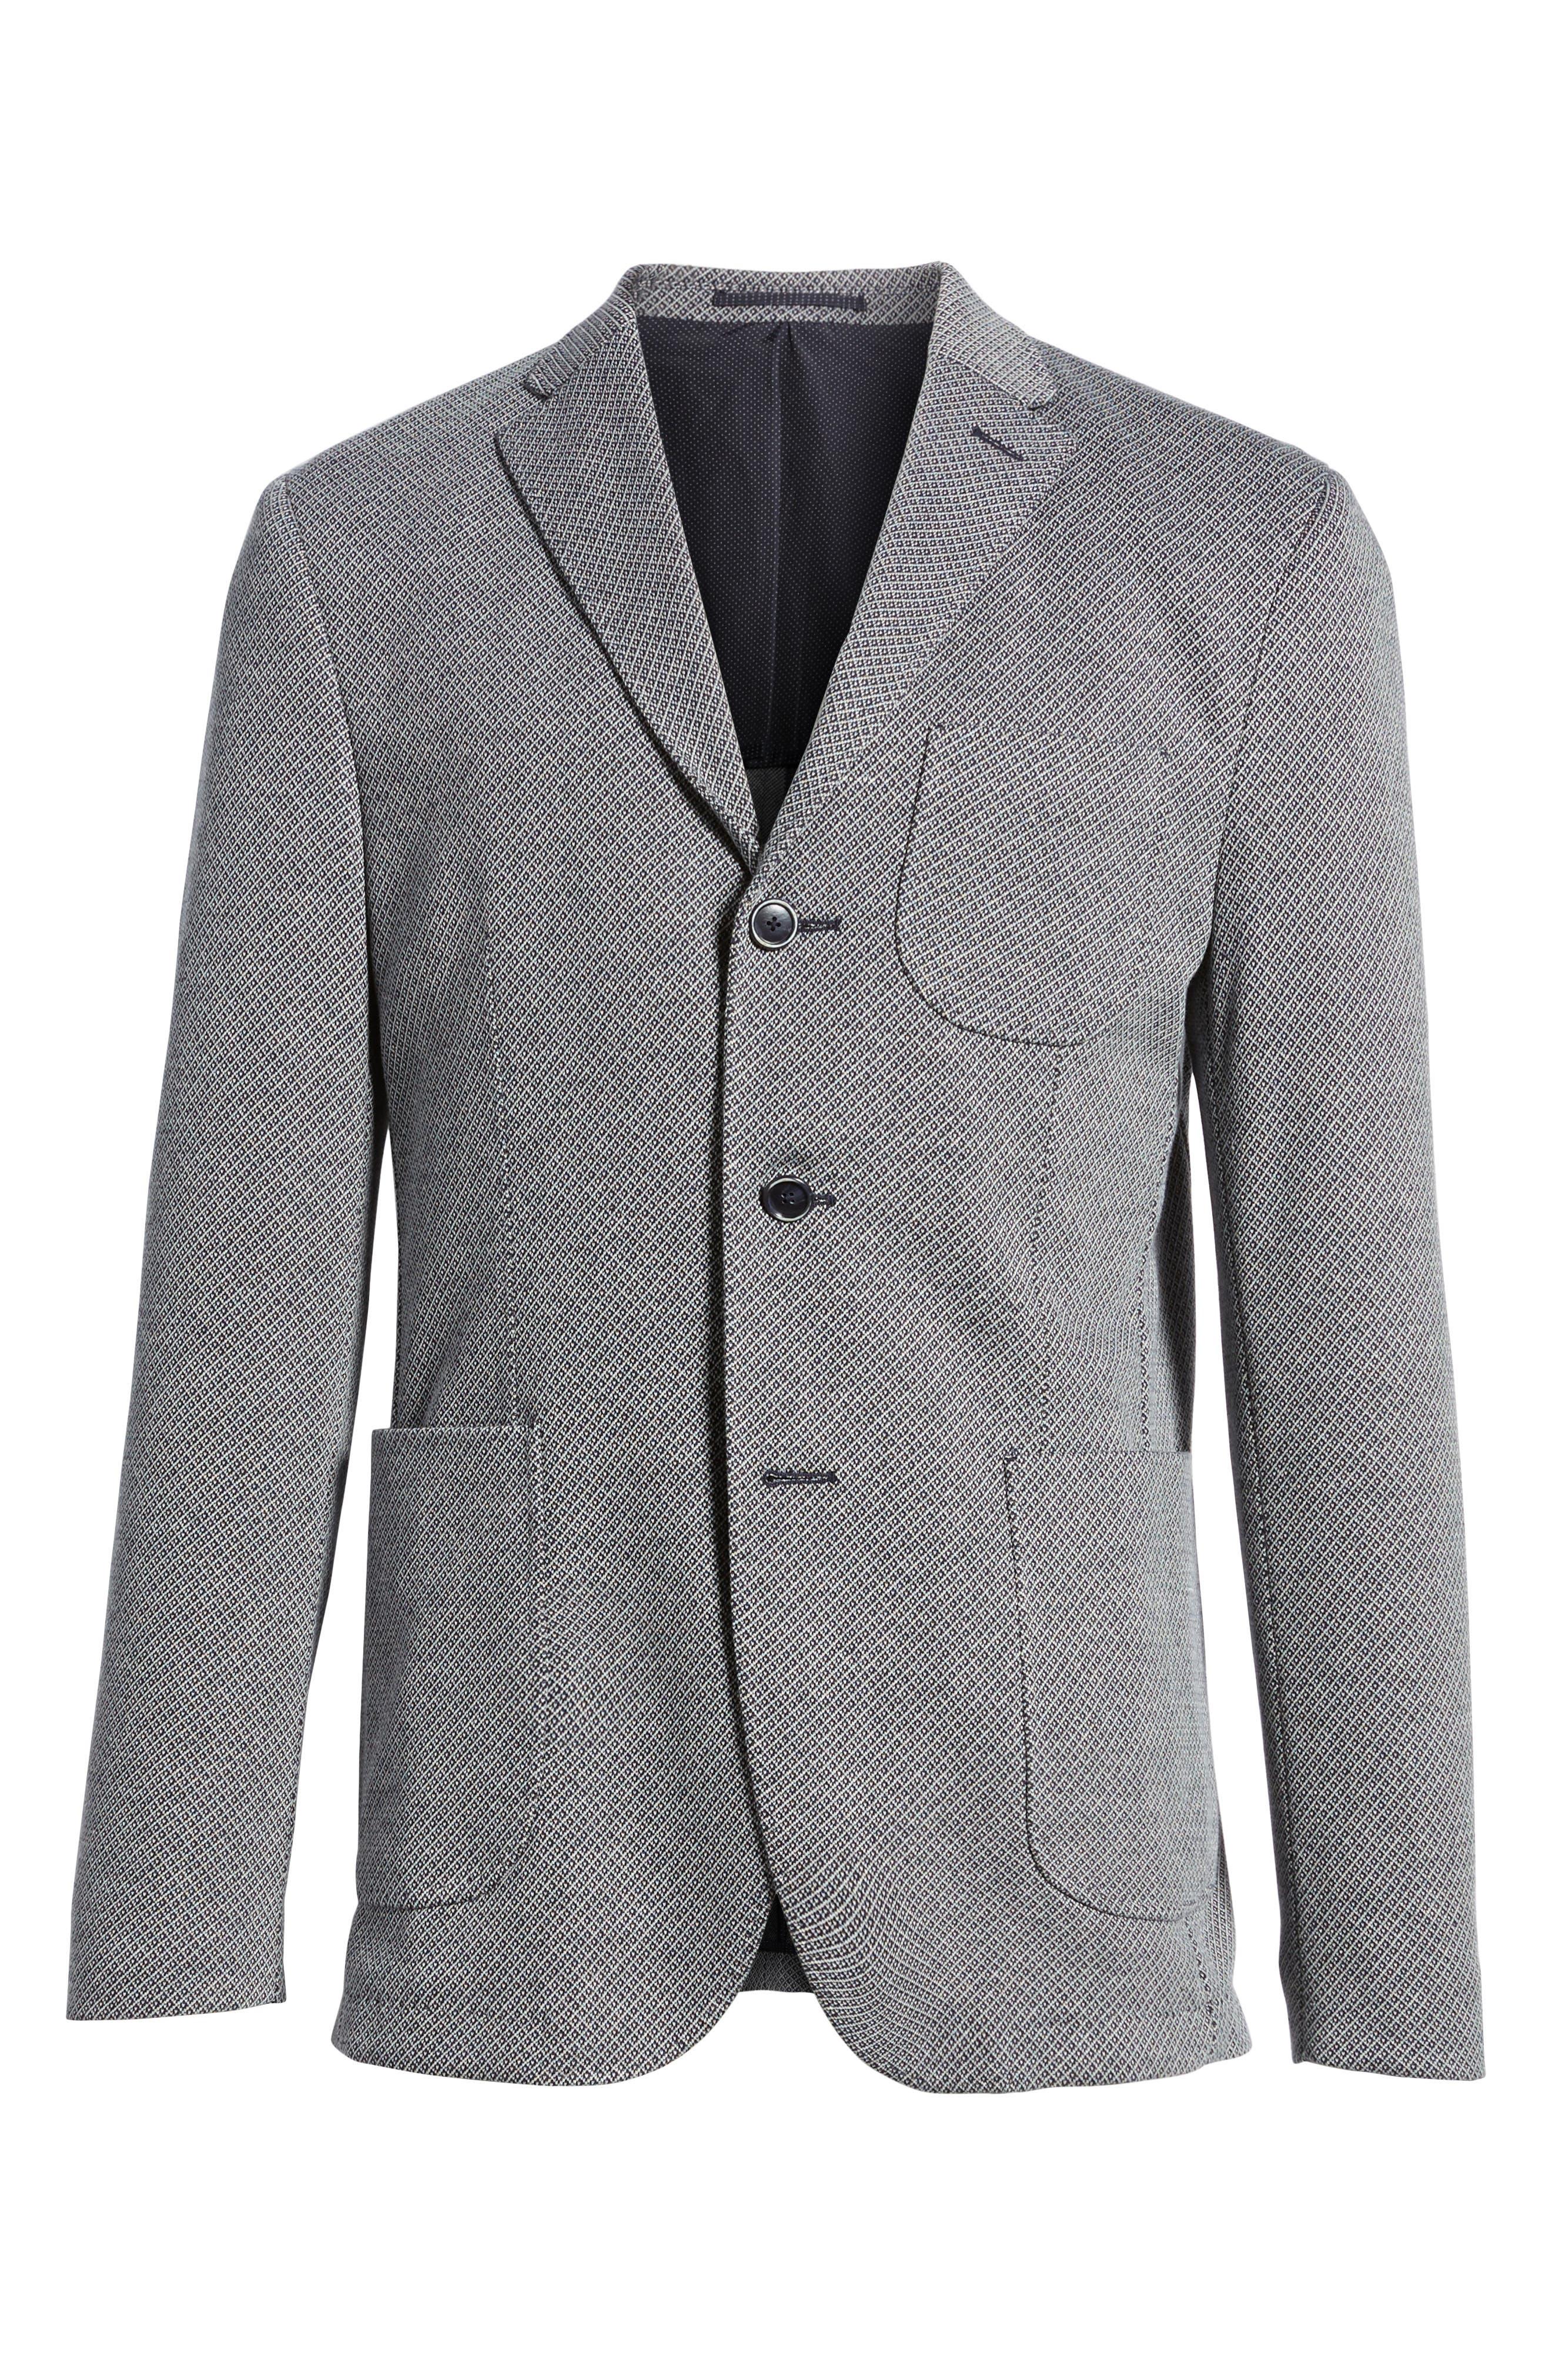 Trim Fit Cotton Blend Blazer,                             Alternate thumbnail 5, color,                             410